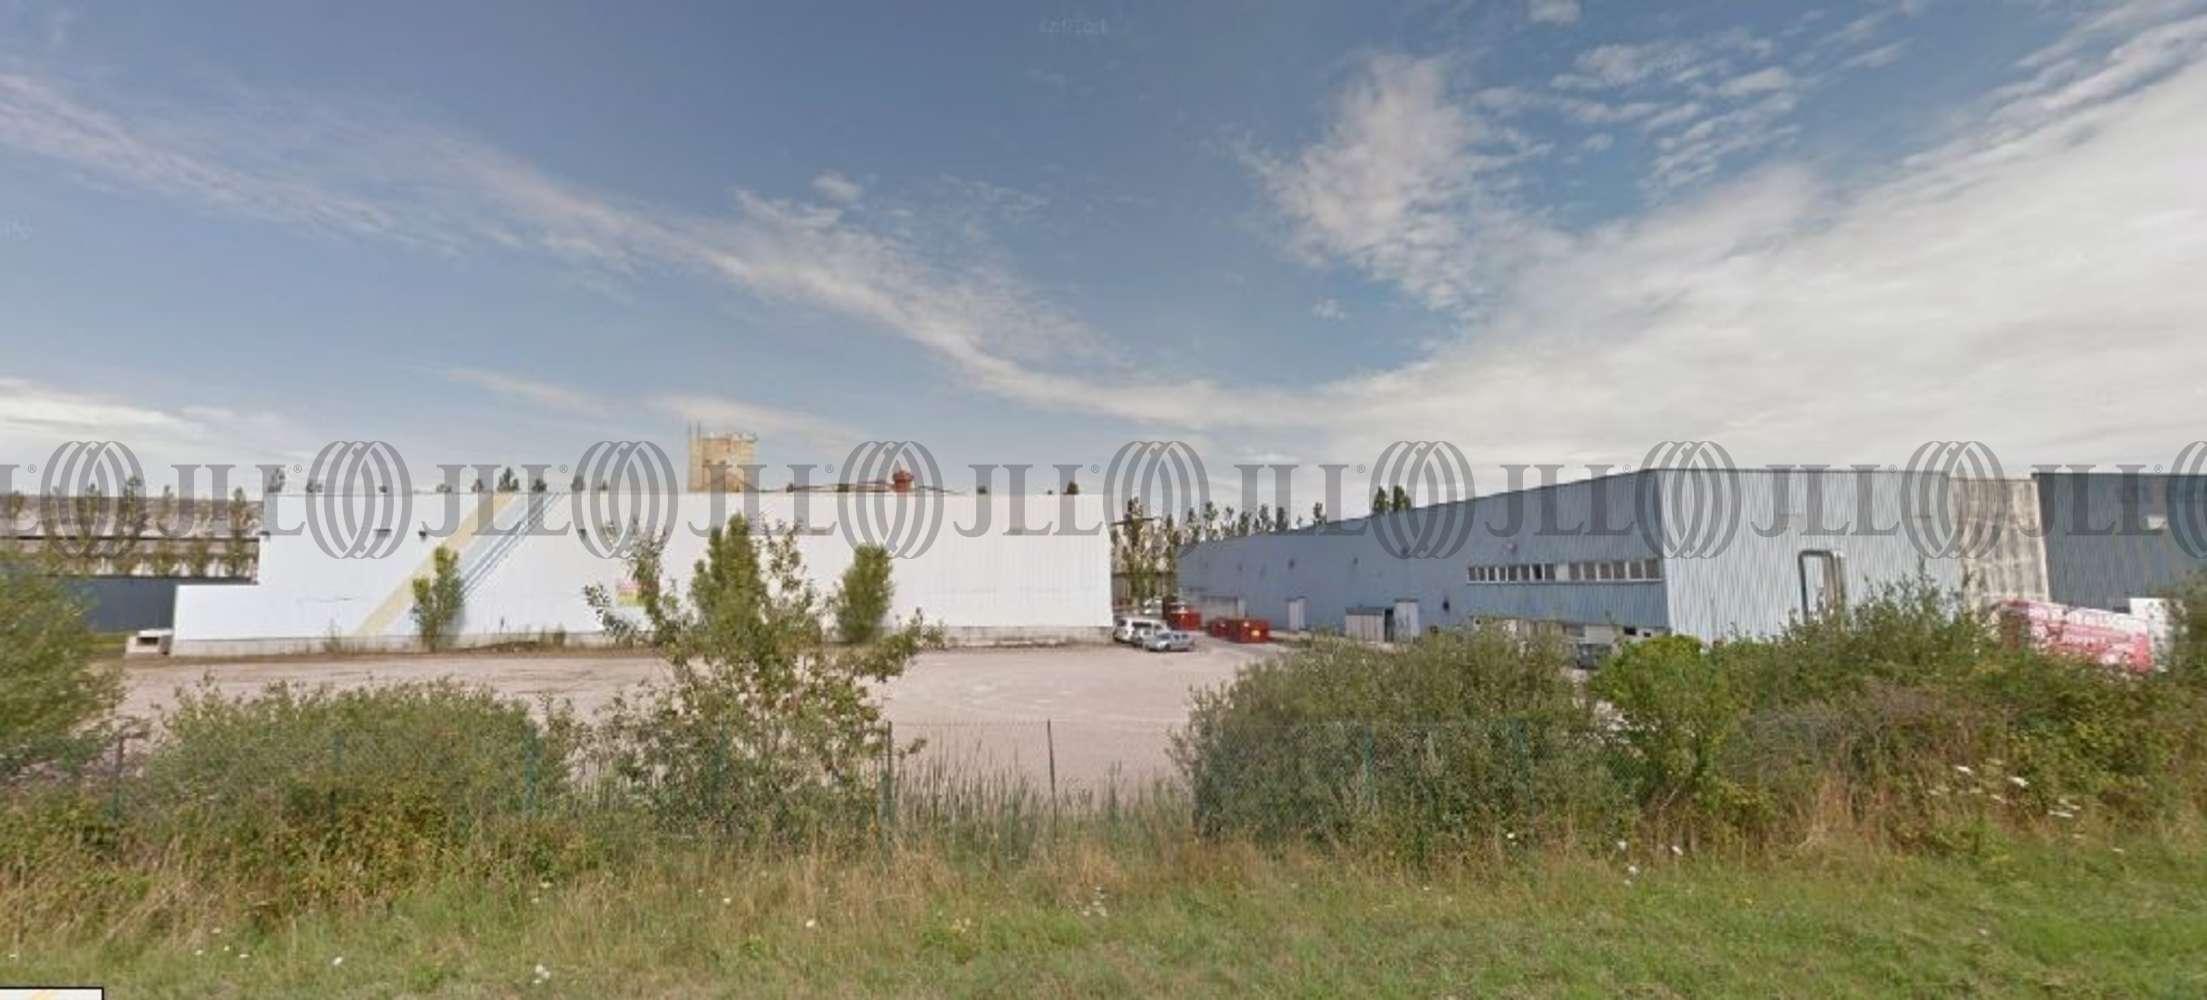 Activités/entrepôt Villars les dombes, 01330